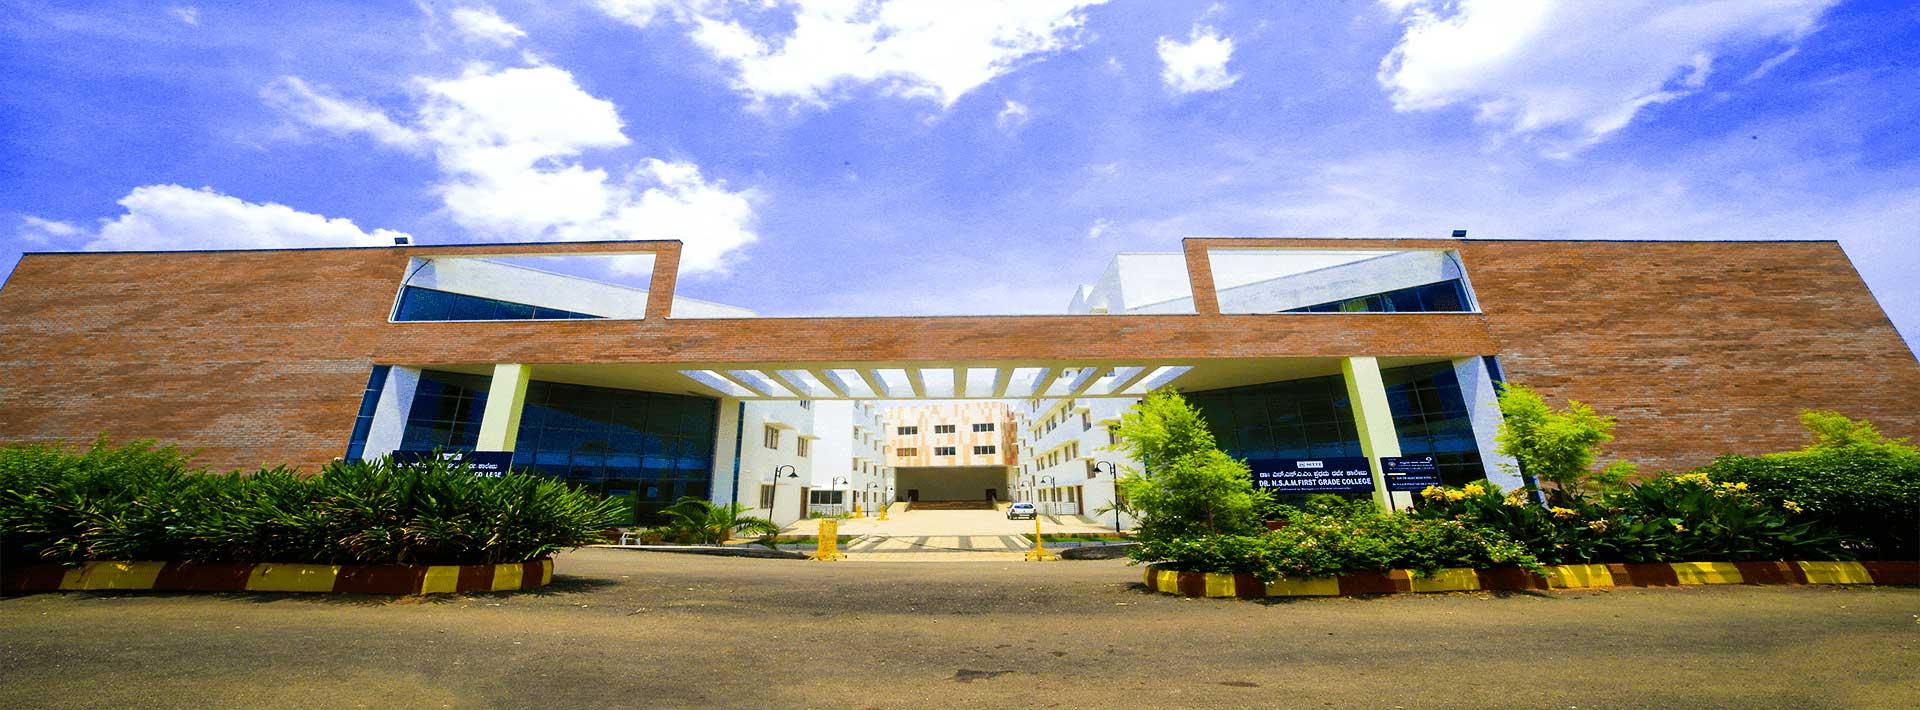 bangalorestudy